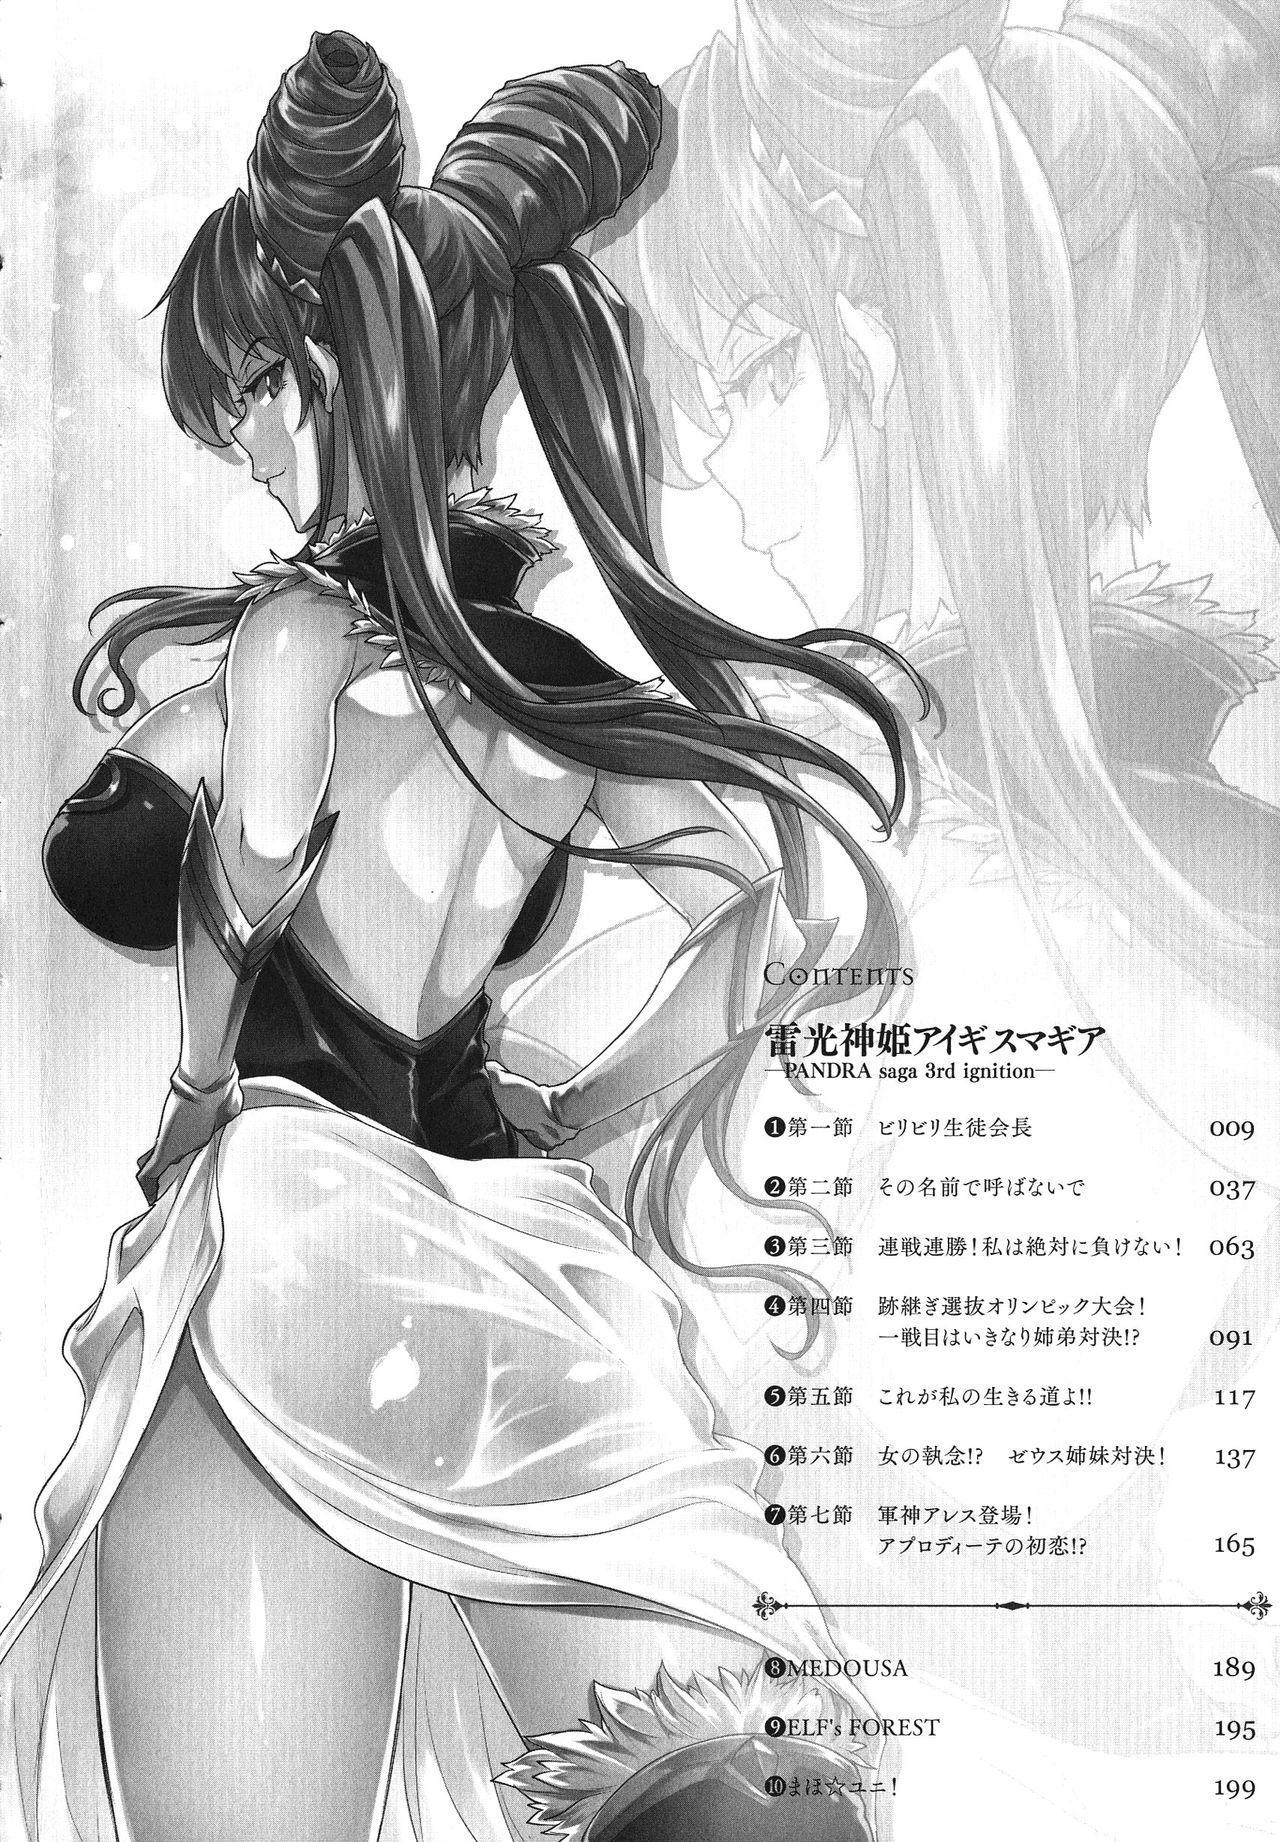 [Erect Sawaru] Raikou Shinki Igis Magia -PANDRA saga 3rd ignition- Ch. 1-7 + Medousa [English] [CGrascal] 4